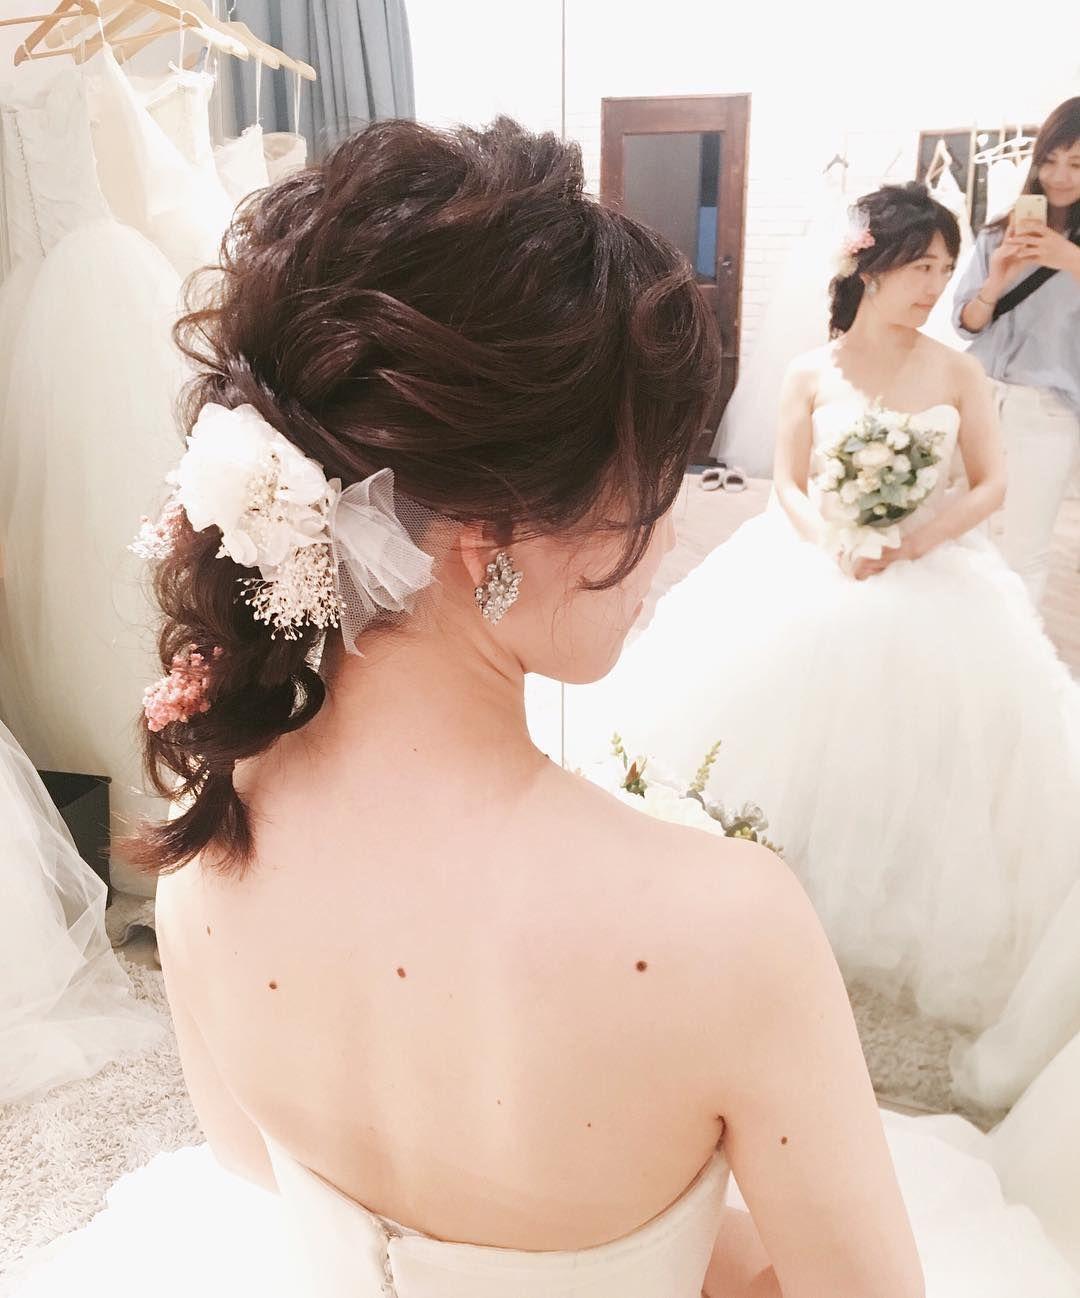 半年後に挙式の花嫁さま 当日は 編みおろし にされたいそうで